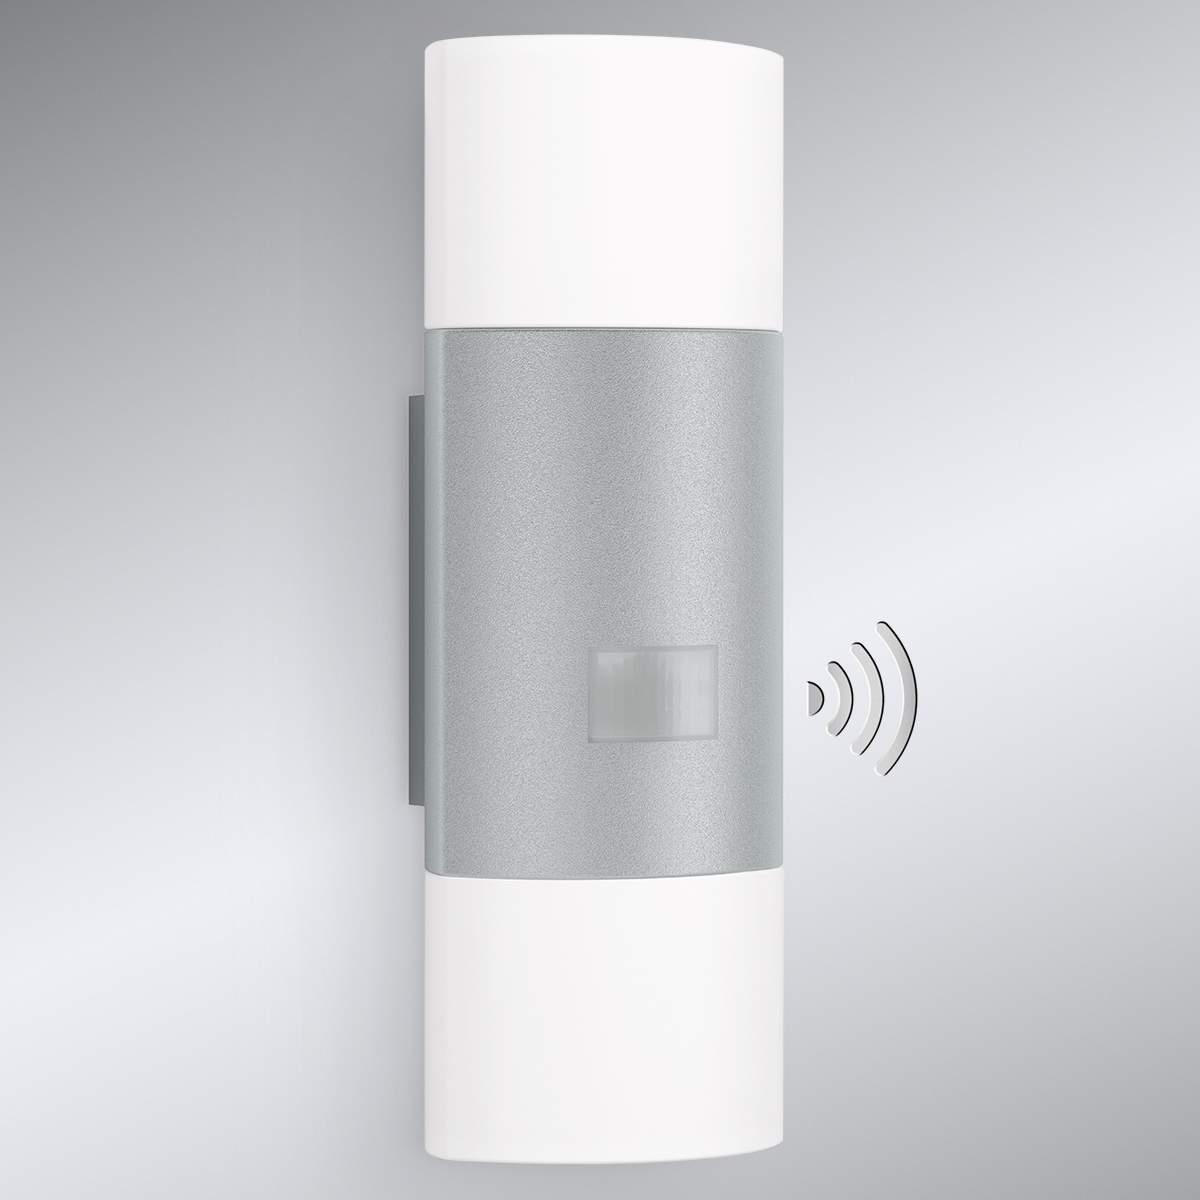 Applique LED up-down L910 argento con sensore Illuminazione per interni